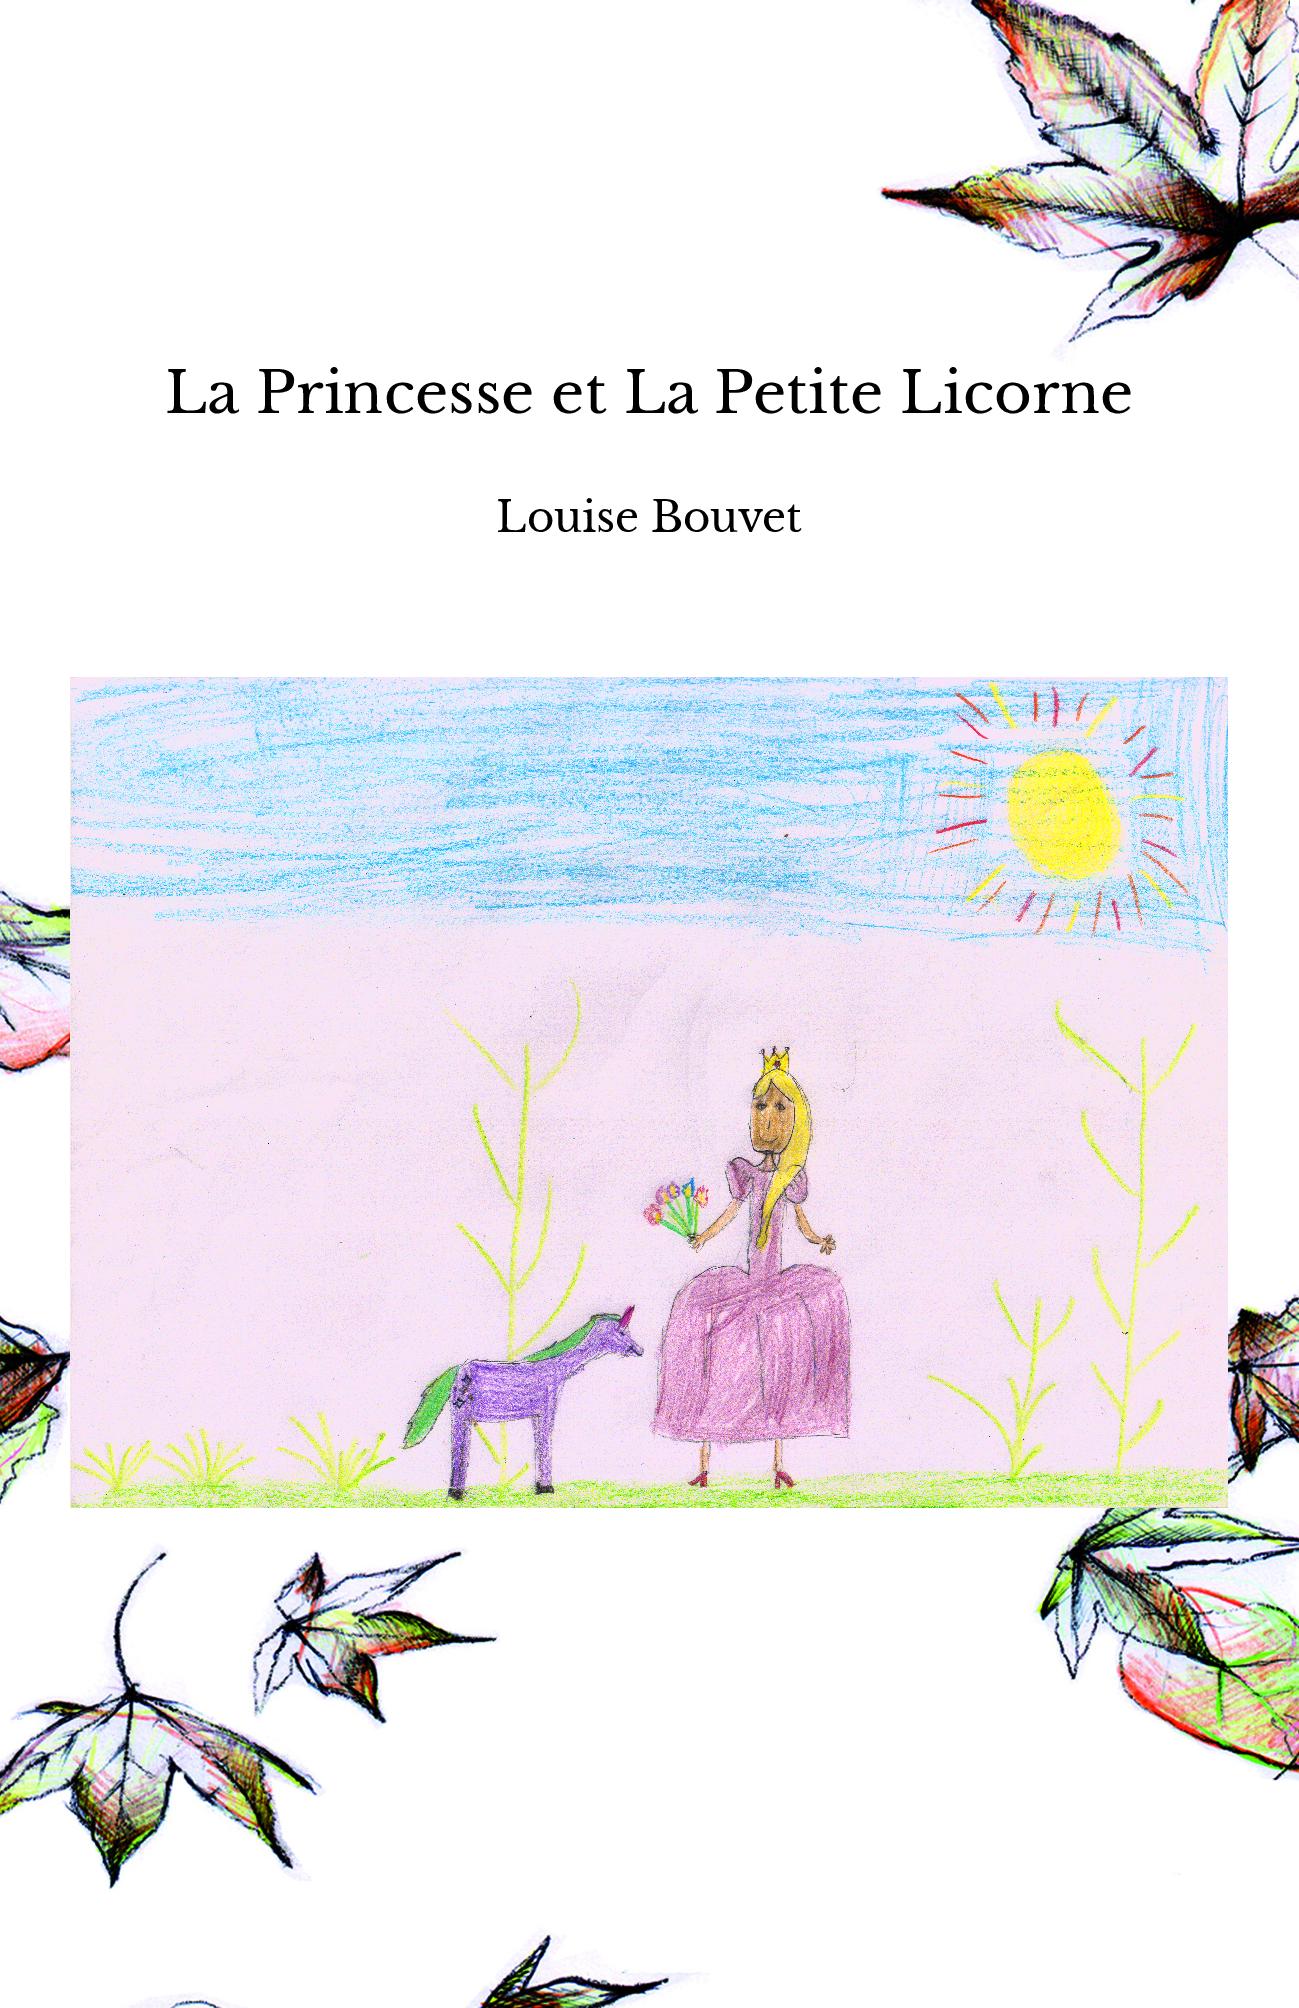 La Princesse et La Petite Licorne